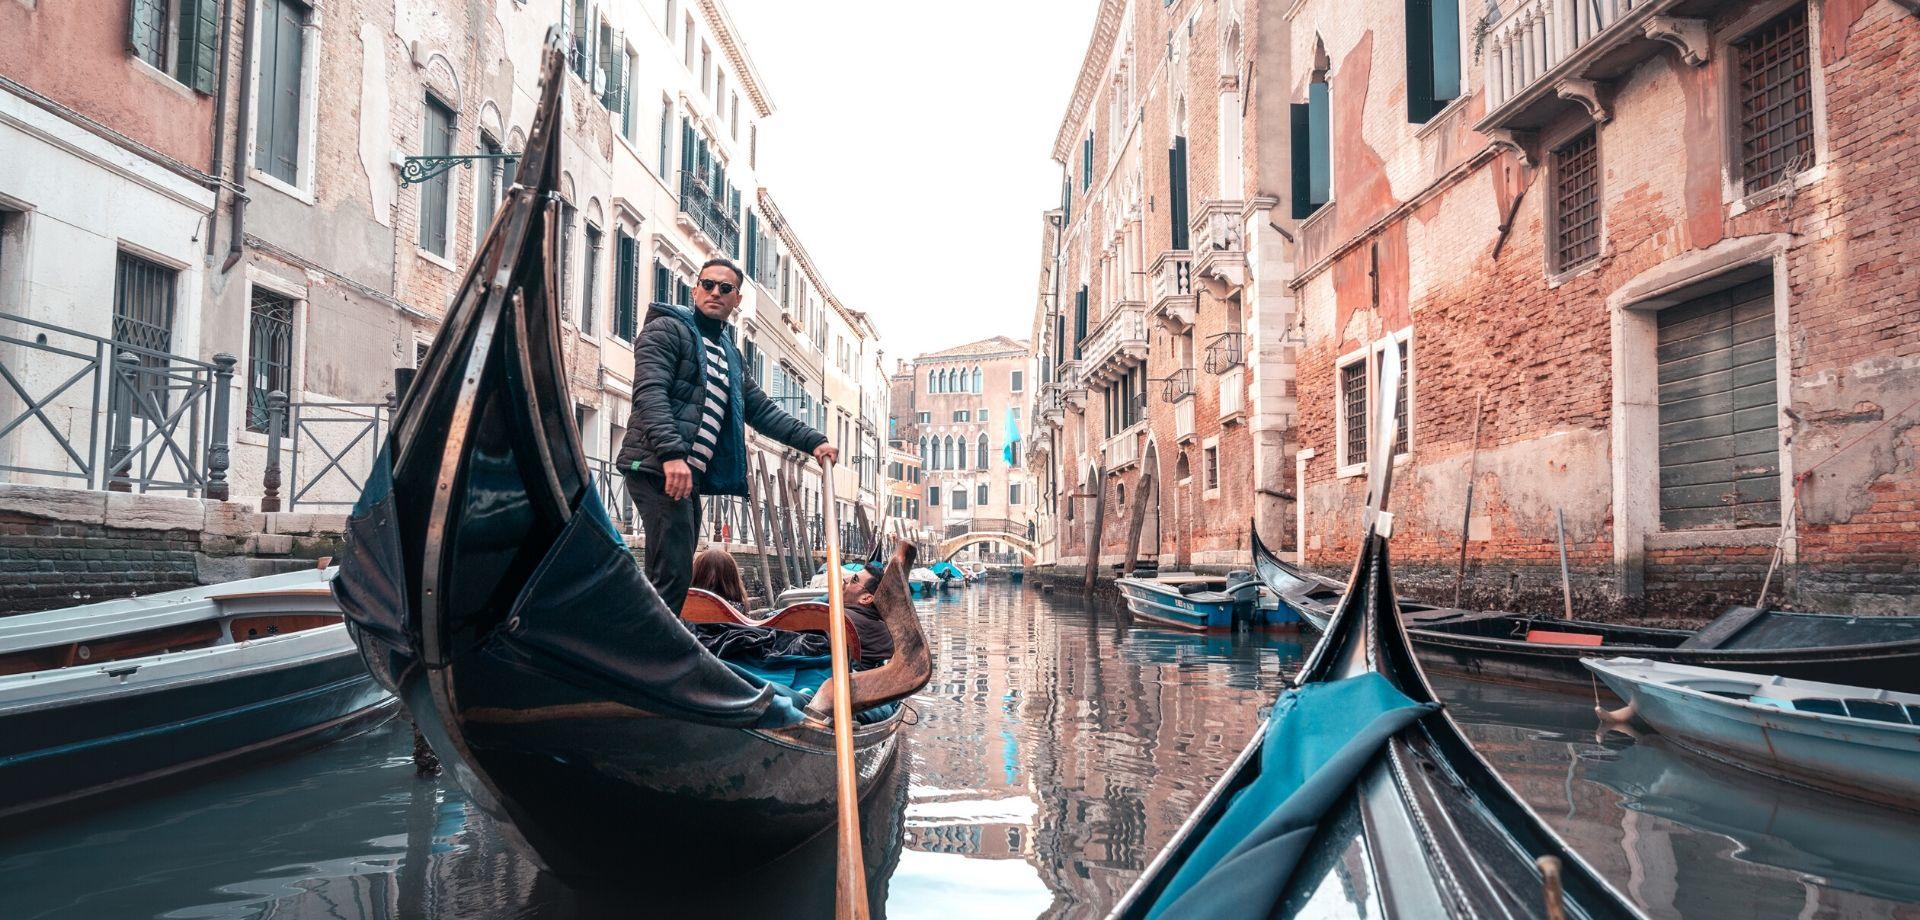 Voga veneta e bacari veneziani